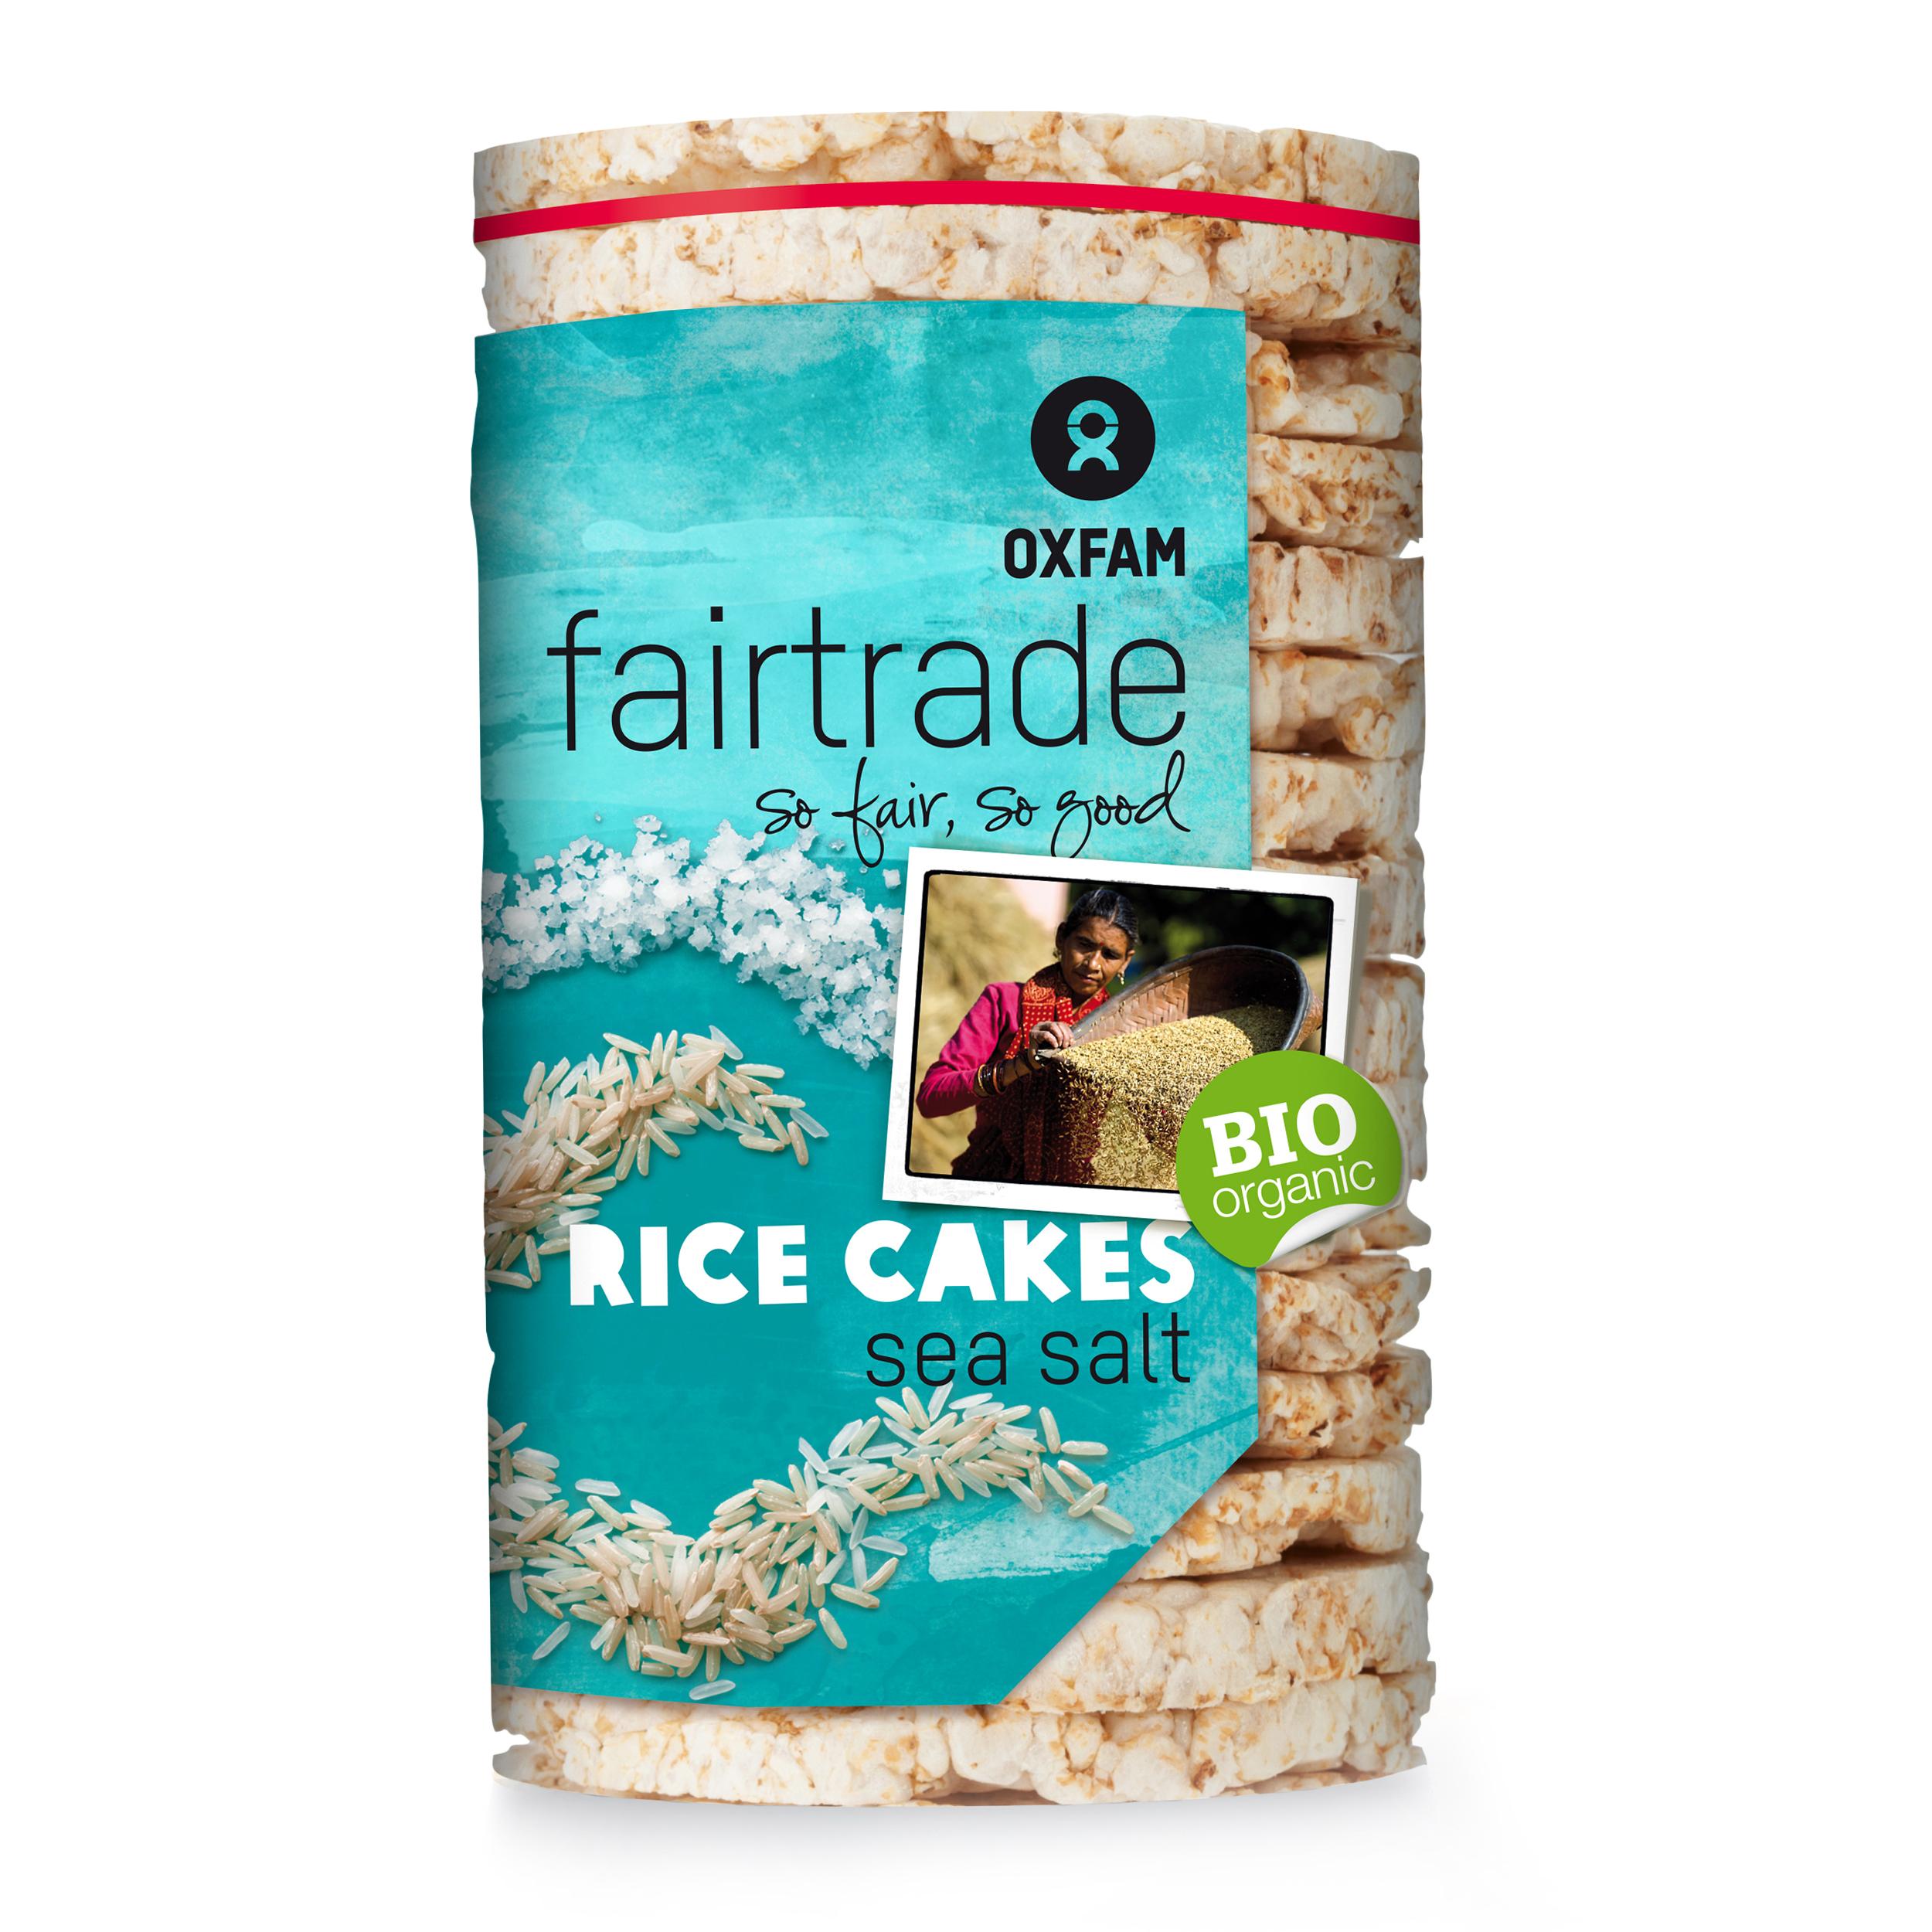 Oxfam Fair Trade 27151